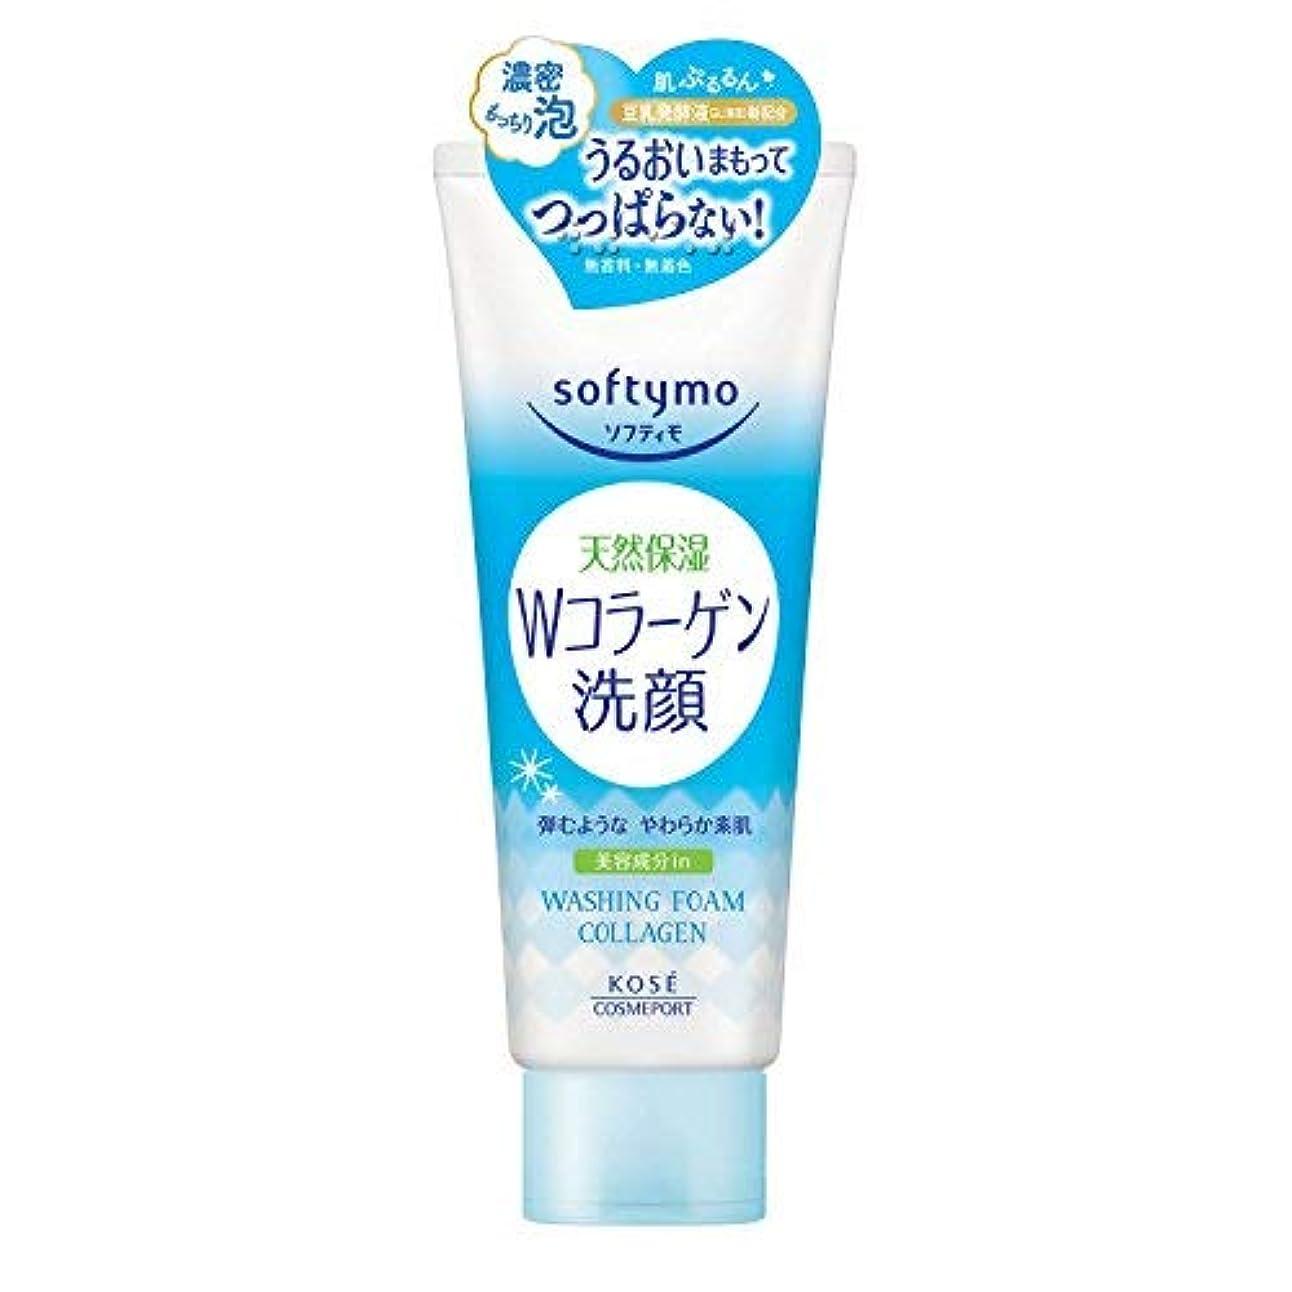 トースト句お客様ソフティモ洗顔フォーム(コラーゲン) × 48個セット